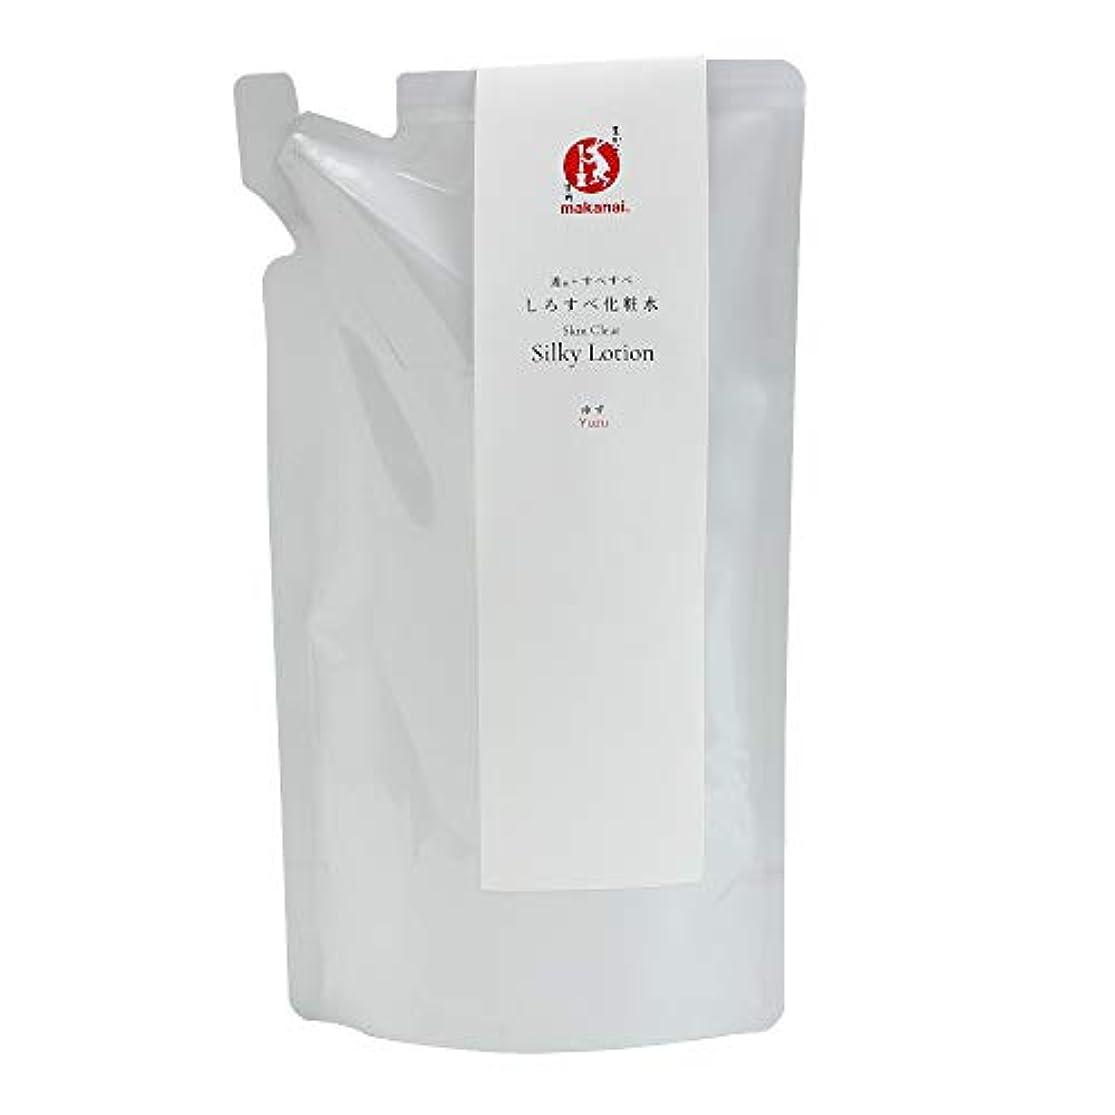 ベッドを作るフレアそれからまかないこすめ しろすべ化粧水(詰め替え用) 150ml